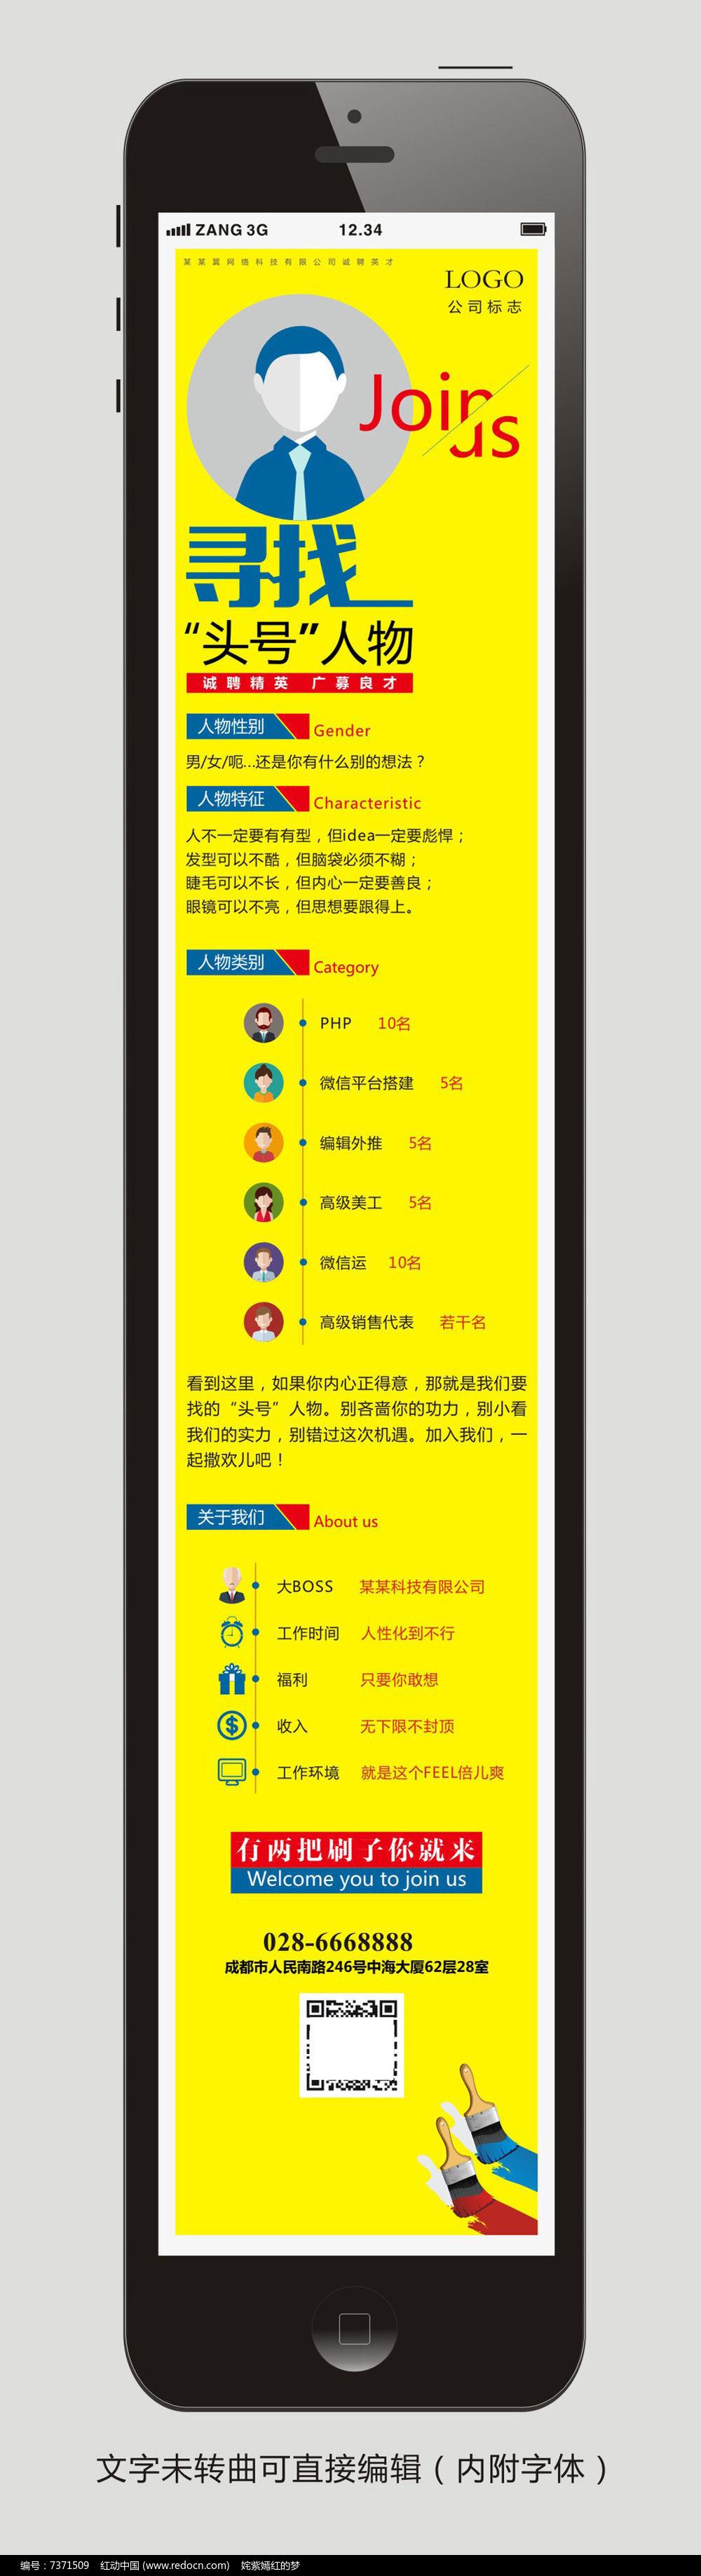 移动端微信公众平台招聘图片